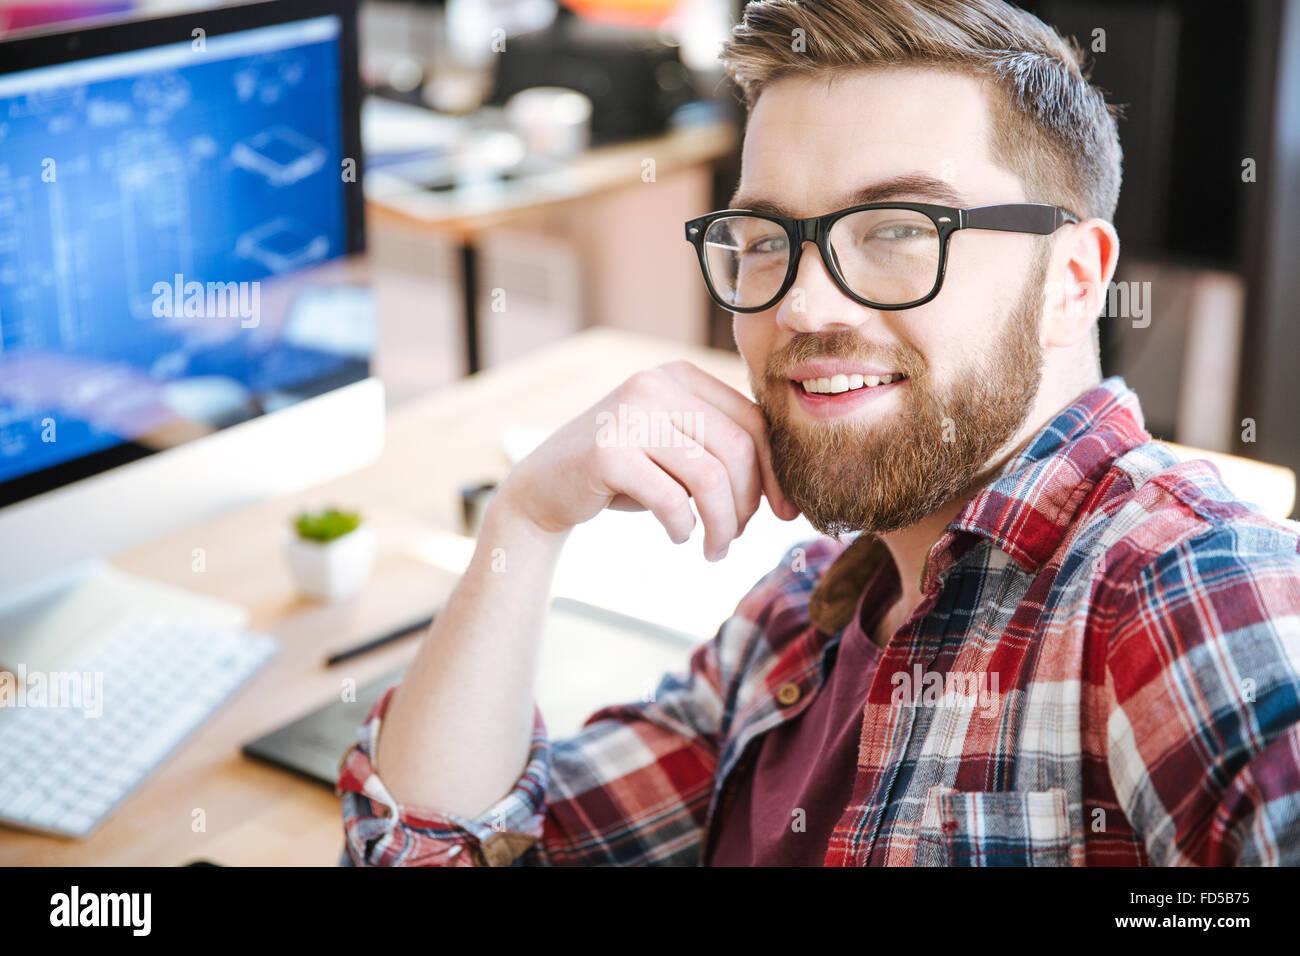 Glücklich attraktiven jungen Mann mit Bart in Gläsern arbeiten und entwerfen Projekt auf seinem computer Stockbild